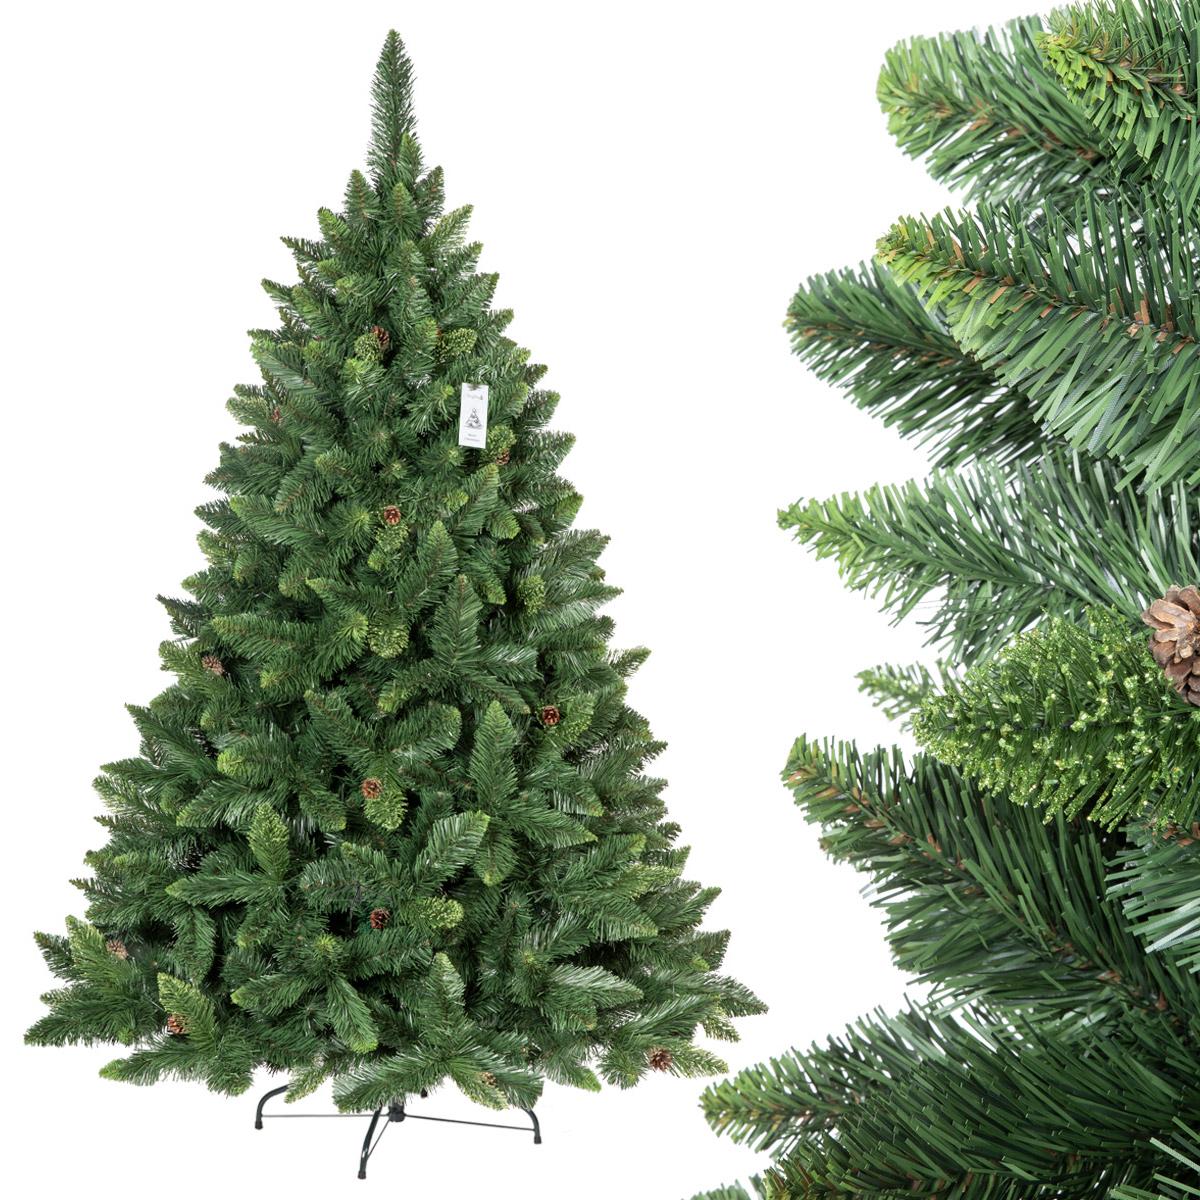 k nstlicher weihnachtsbaum christbaum tannenbaum led. Black Bedroom Furniture Sets. Home Design Ideas